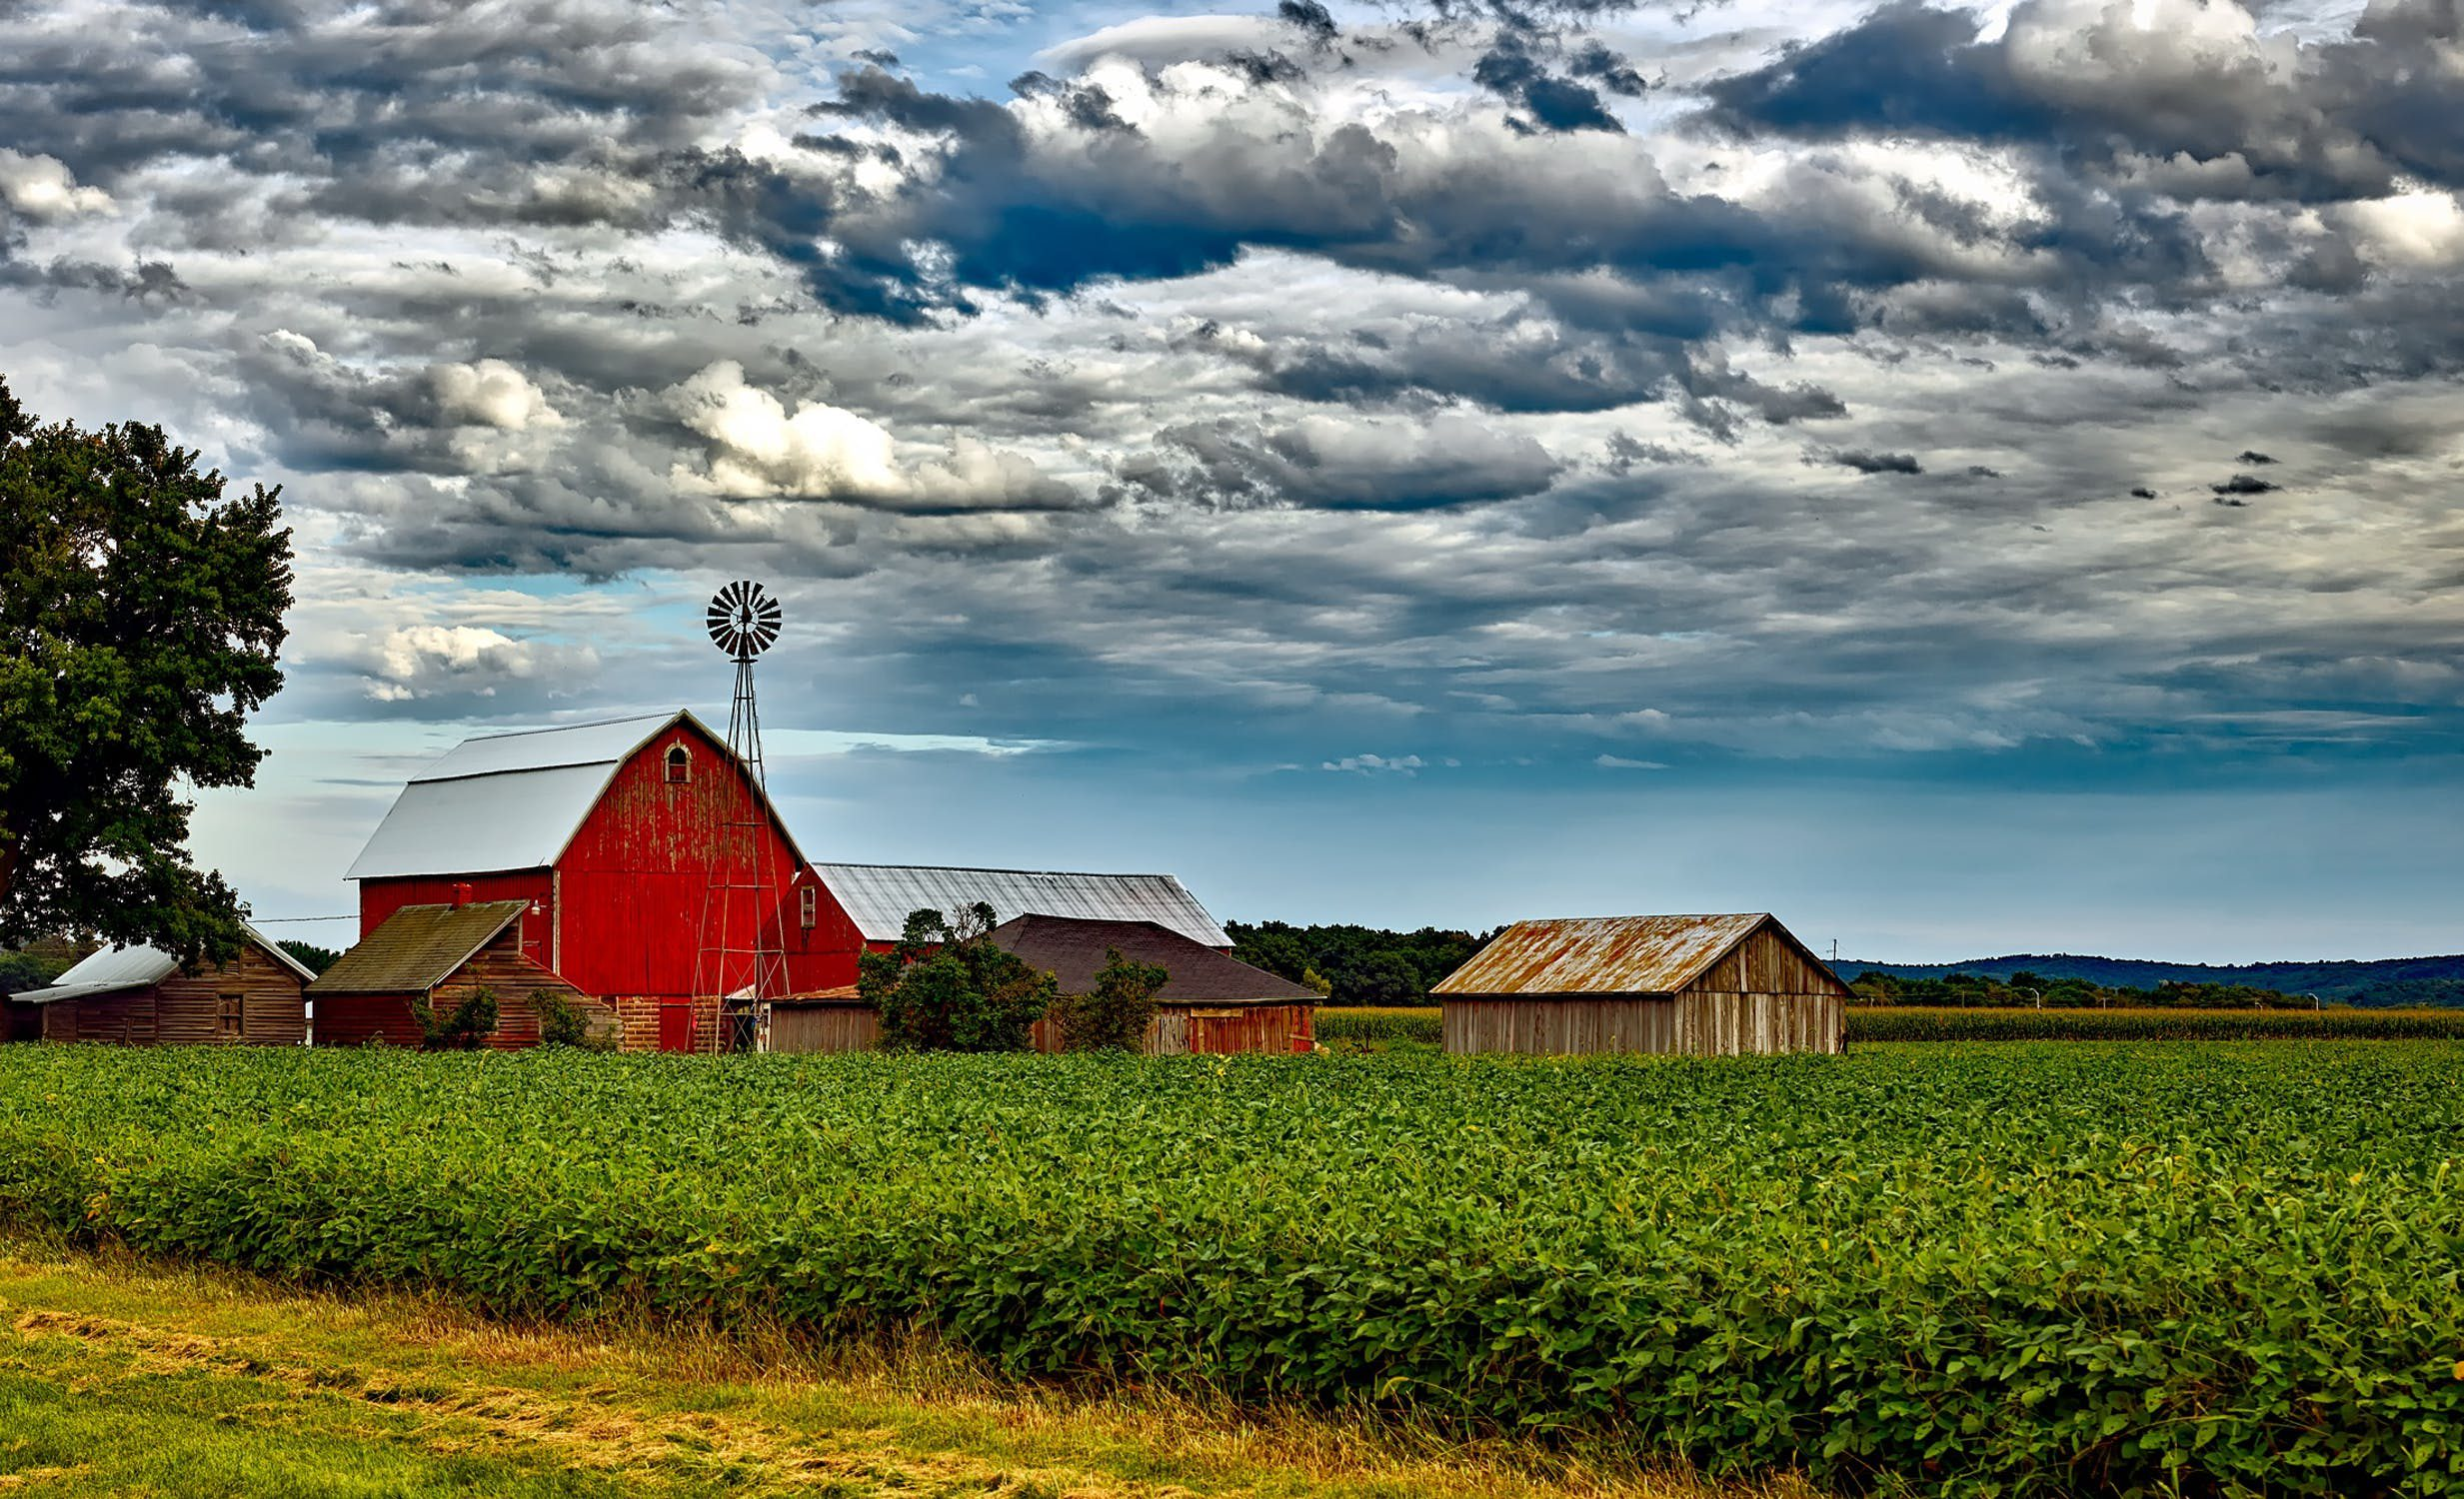 farm = ฟาร์ม,ไร่